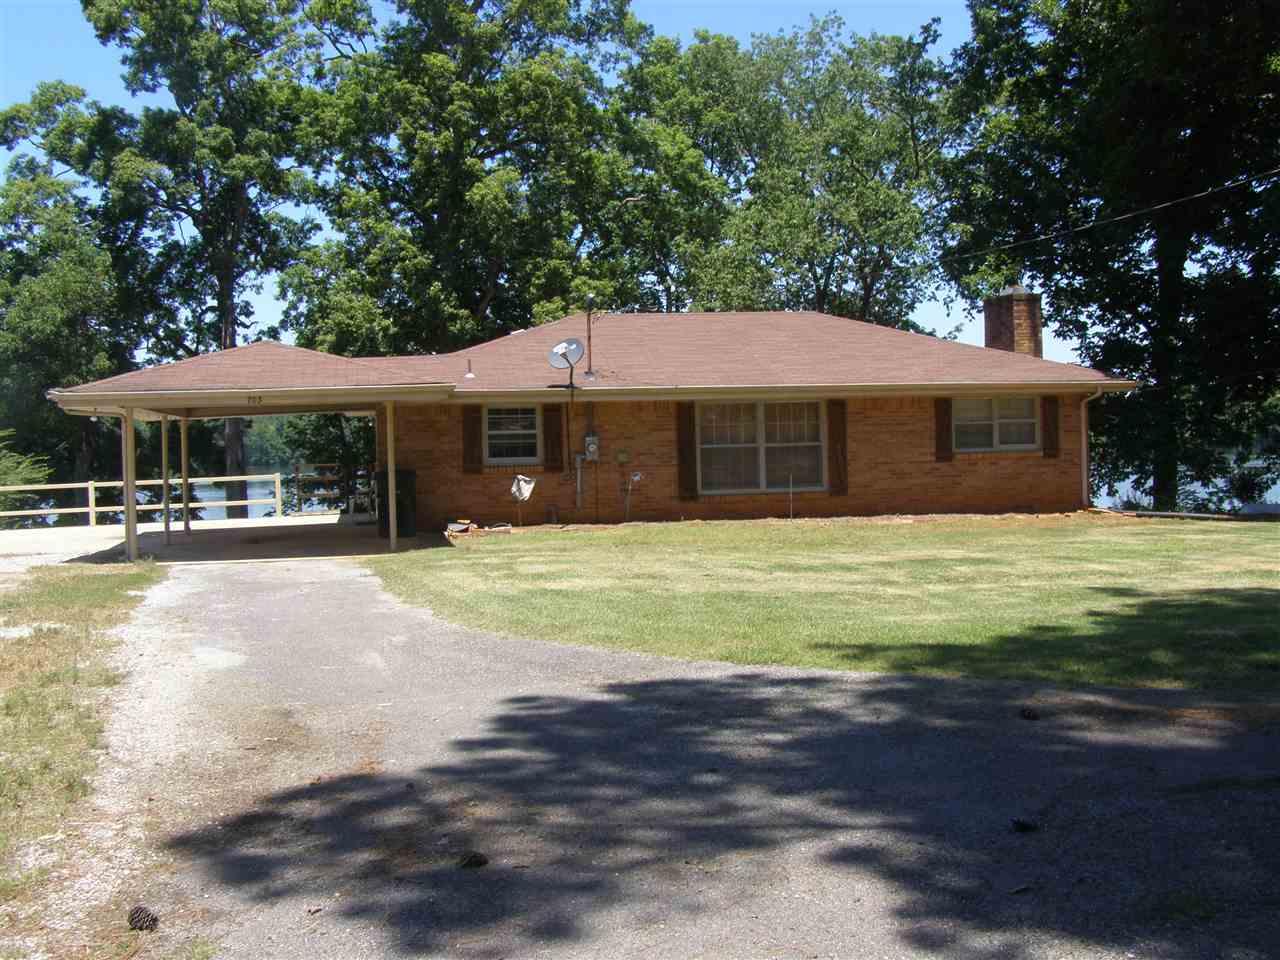 703 Carter Cherokee, AL 35616 - MLS #: 10021103